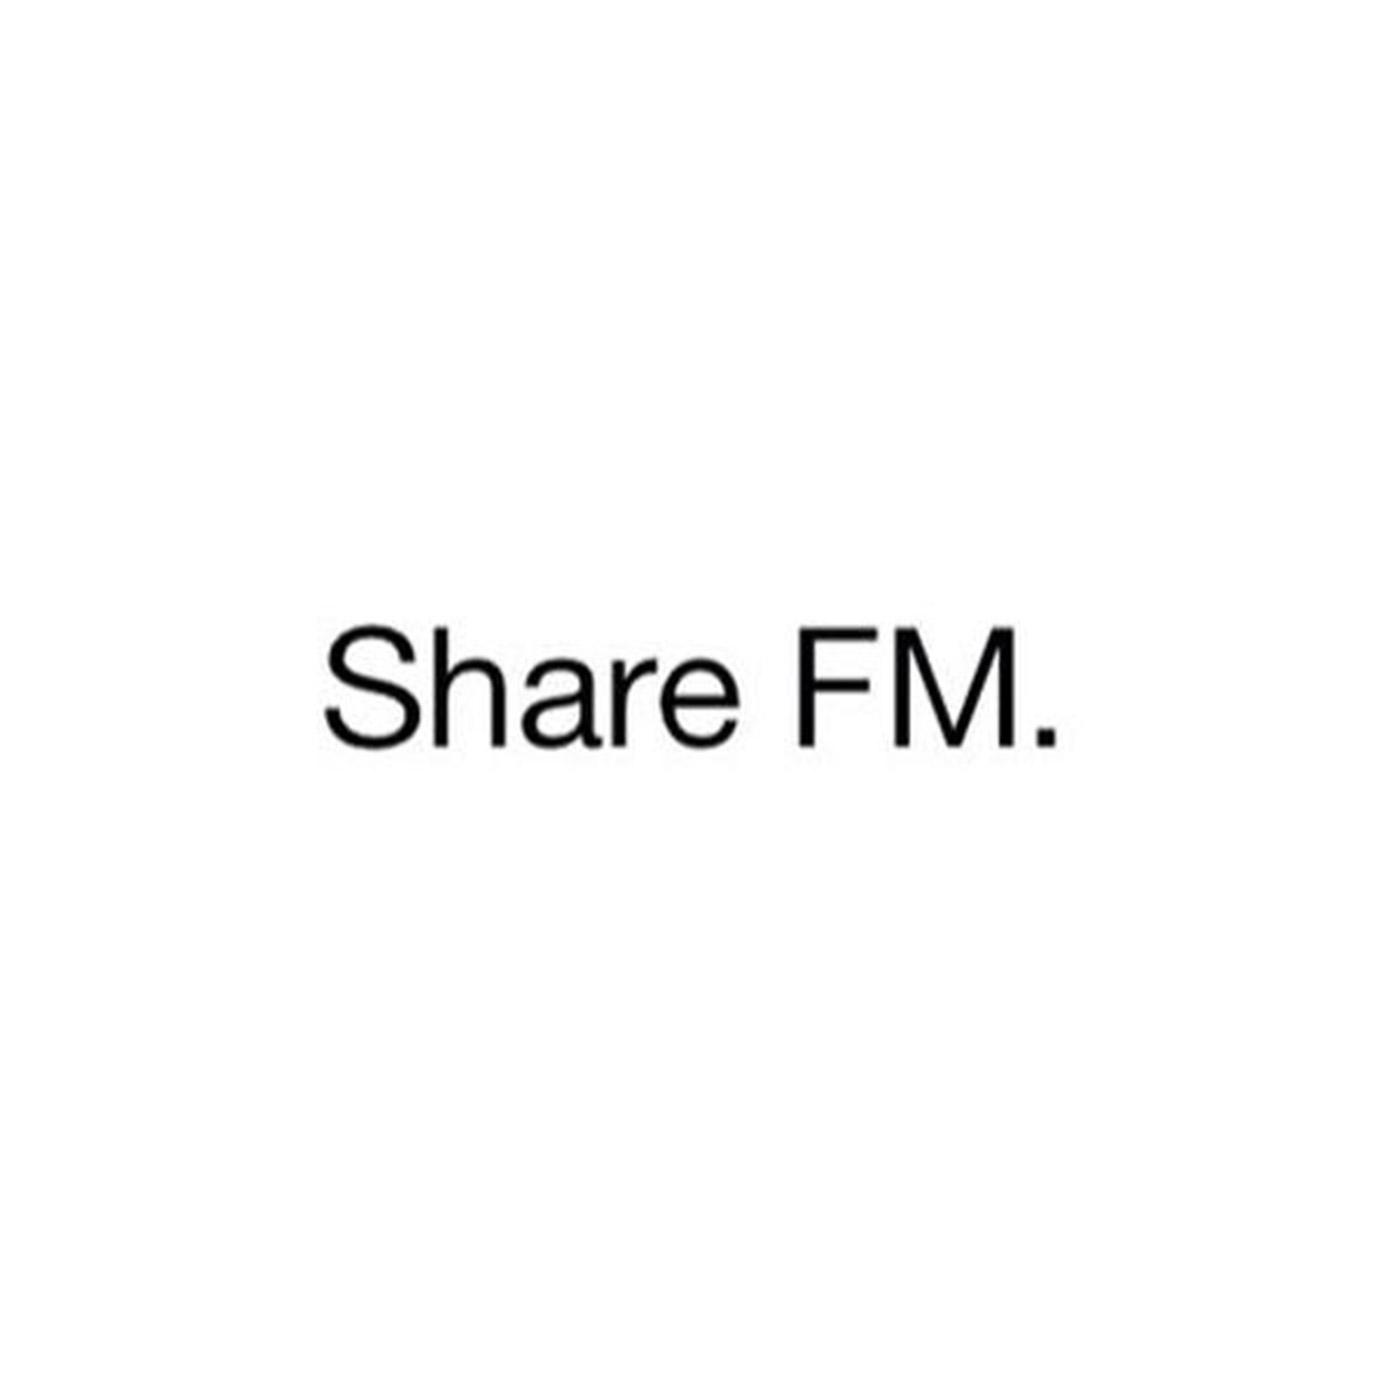 <![CDATA[Share FM]]>